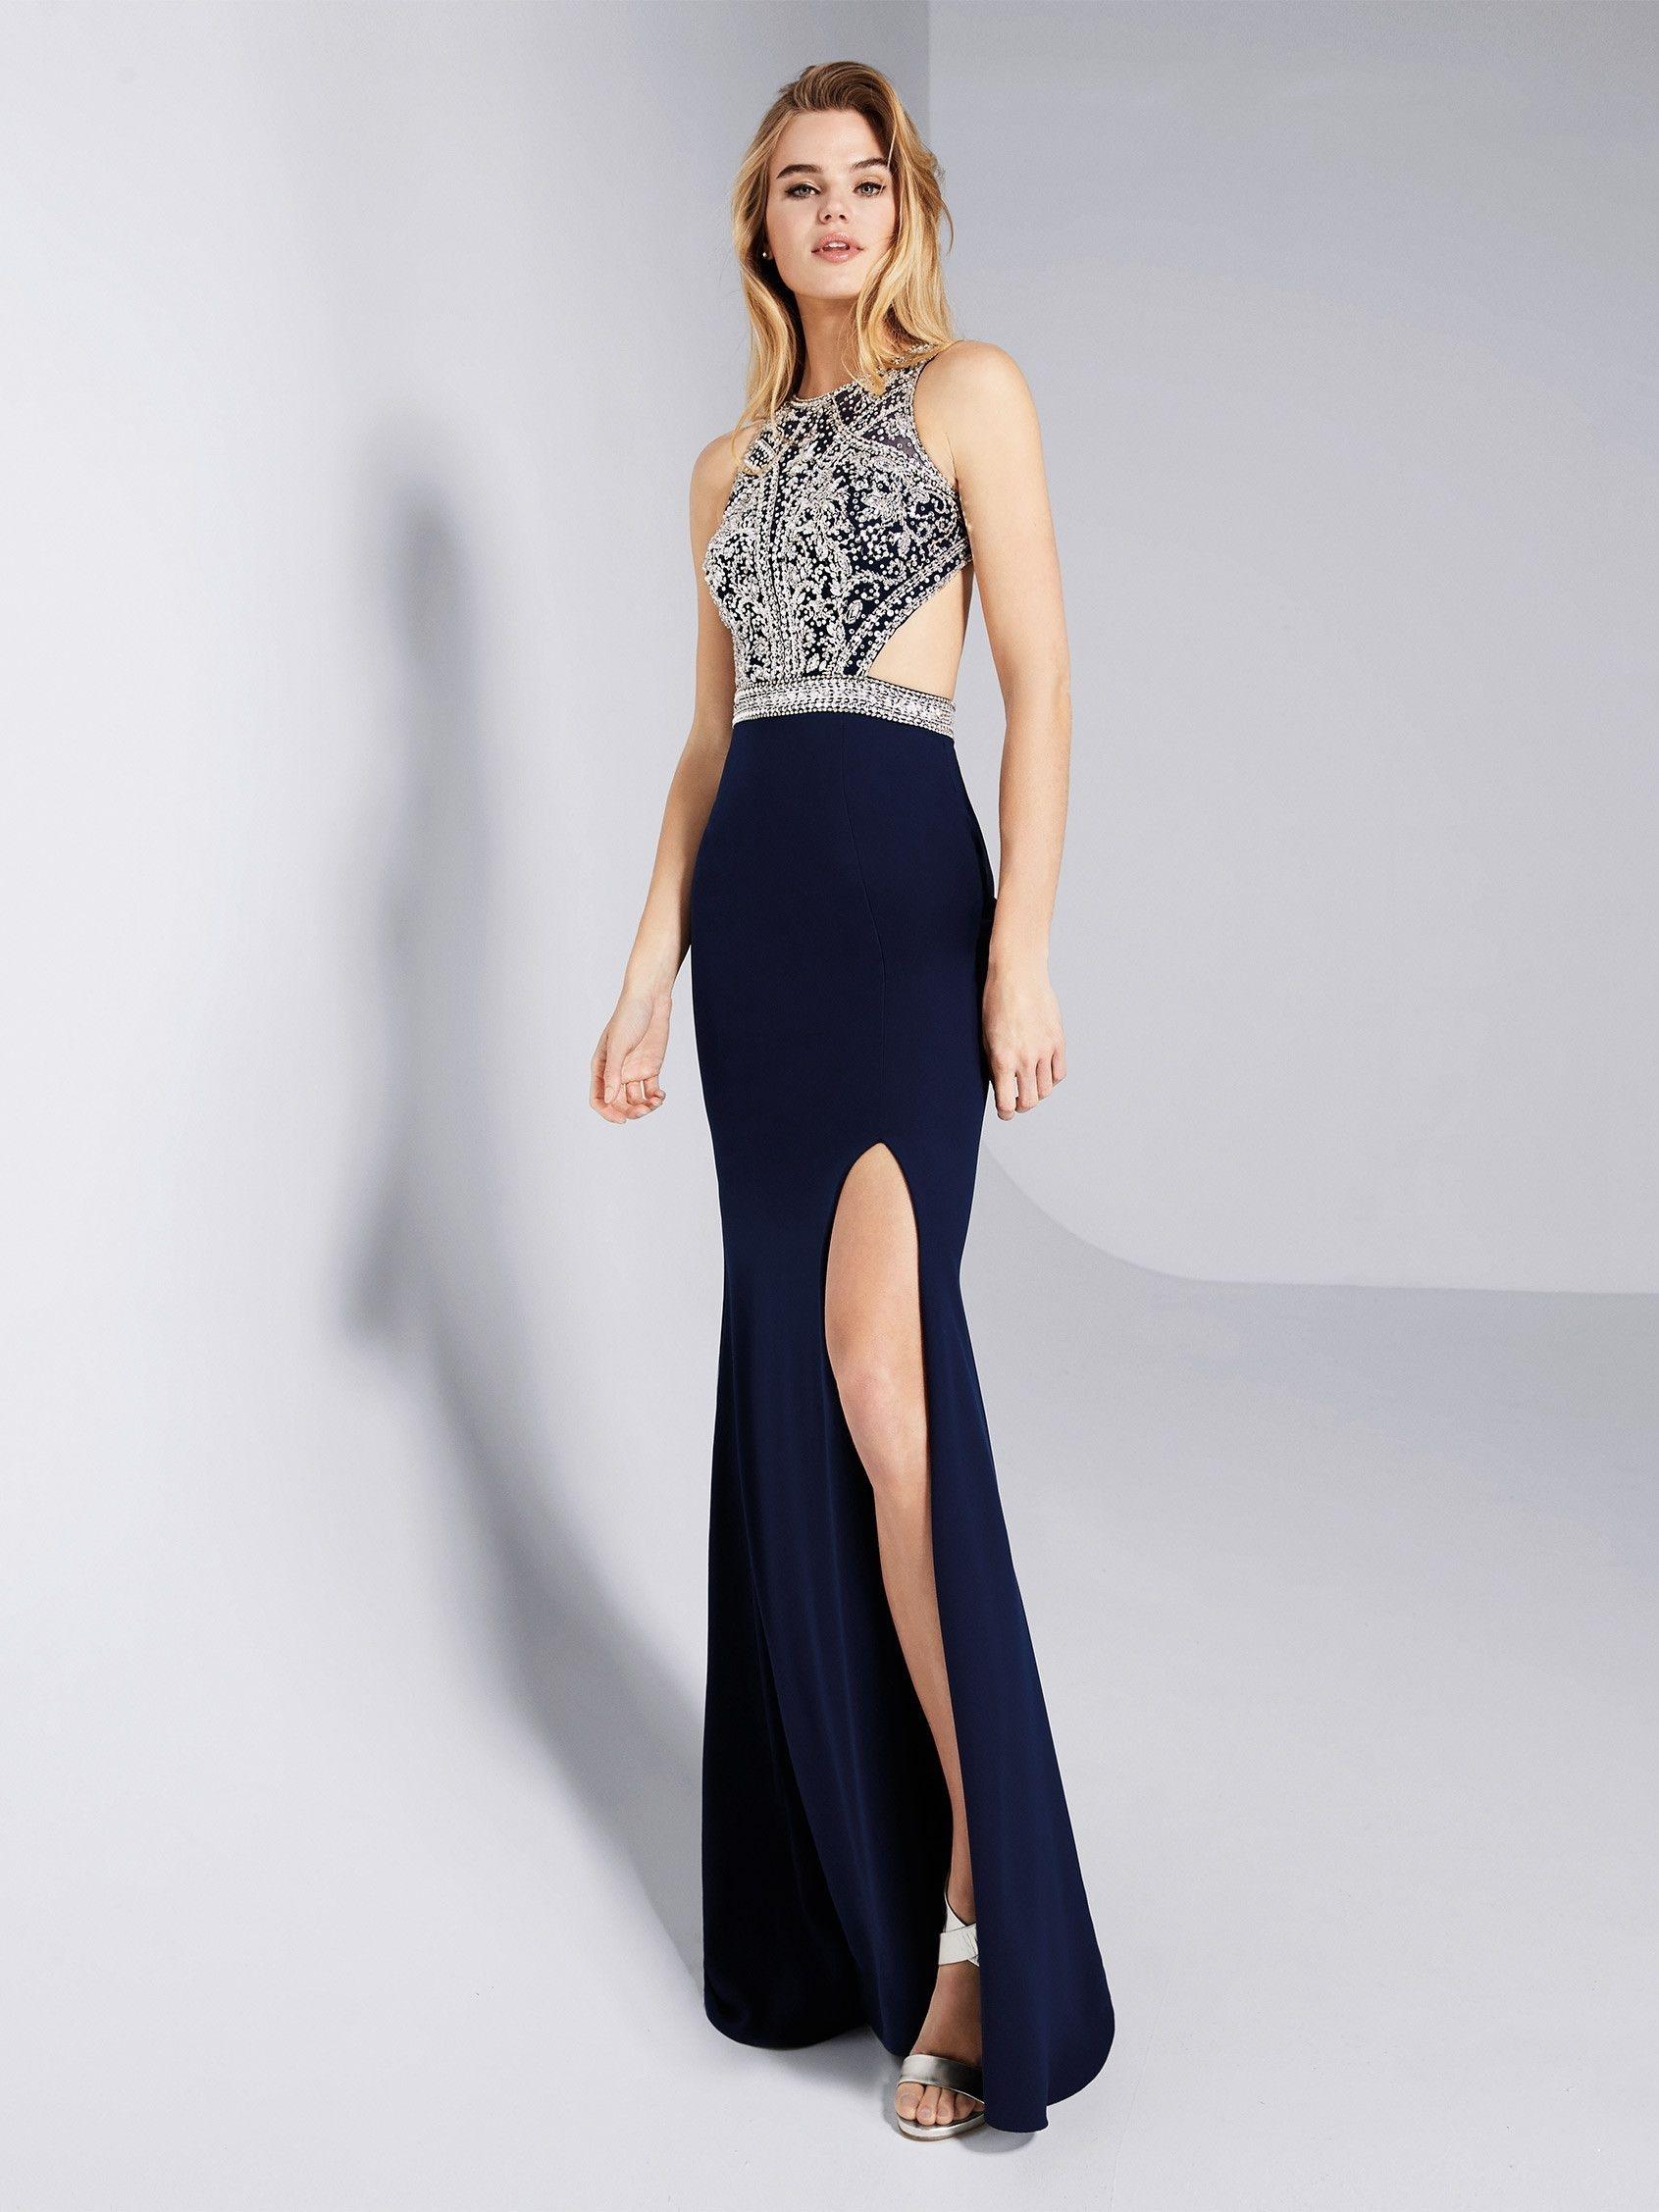 10 Cool Rückenfreies Abendkleid Ärmel10 Luxurius Rückenfreies Abendkleid Ärmel